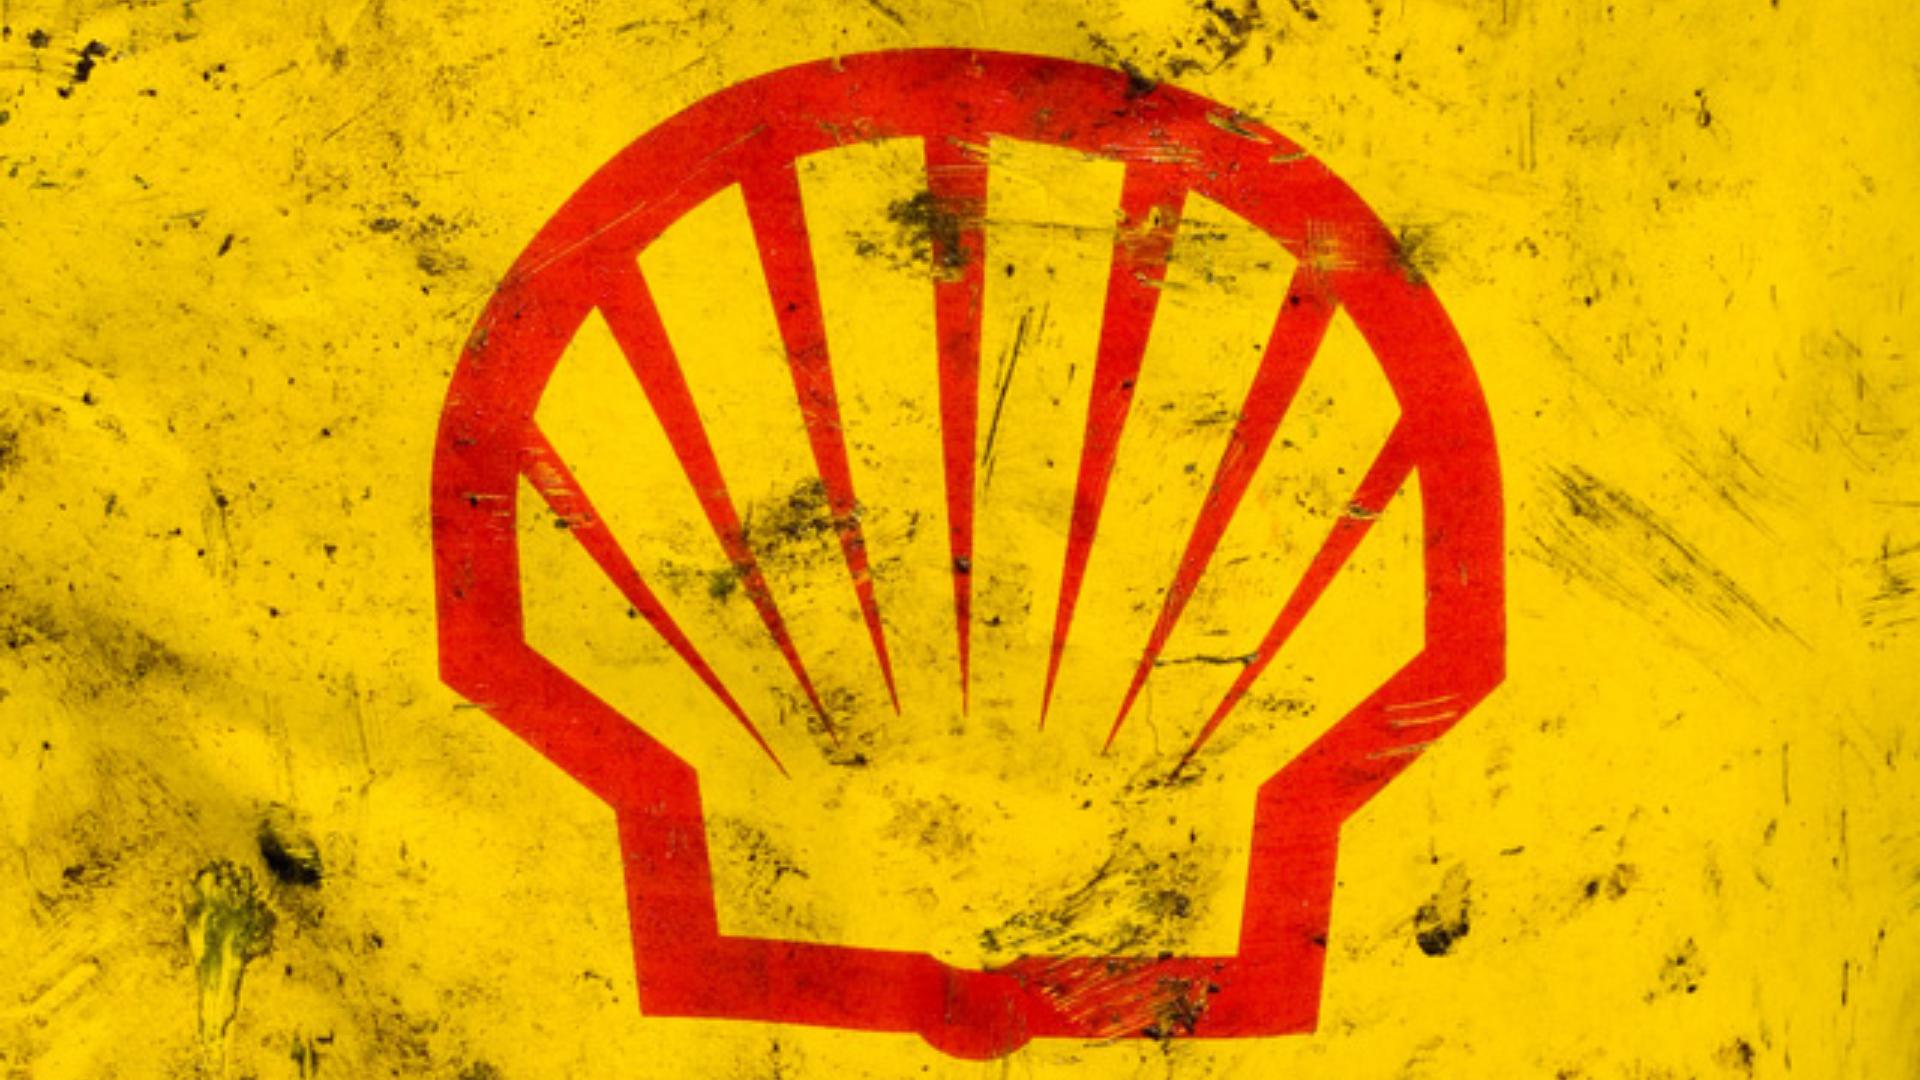 All'Aia, condannata la Shell